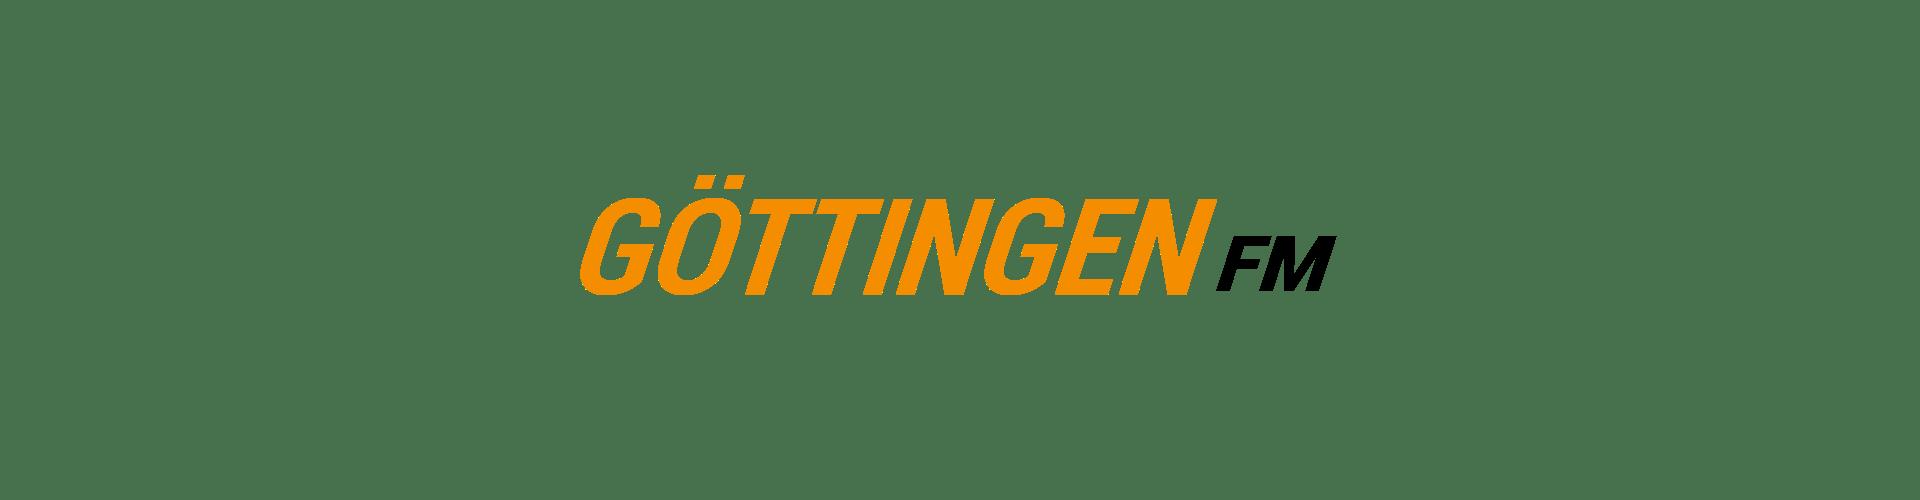 Göttingen FM